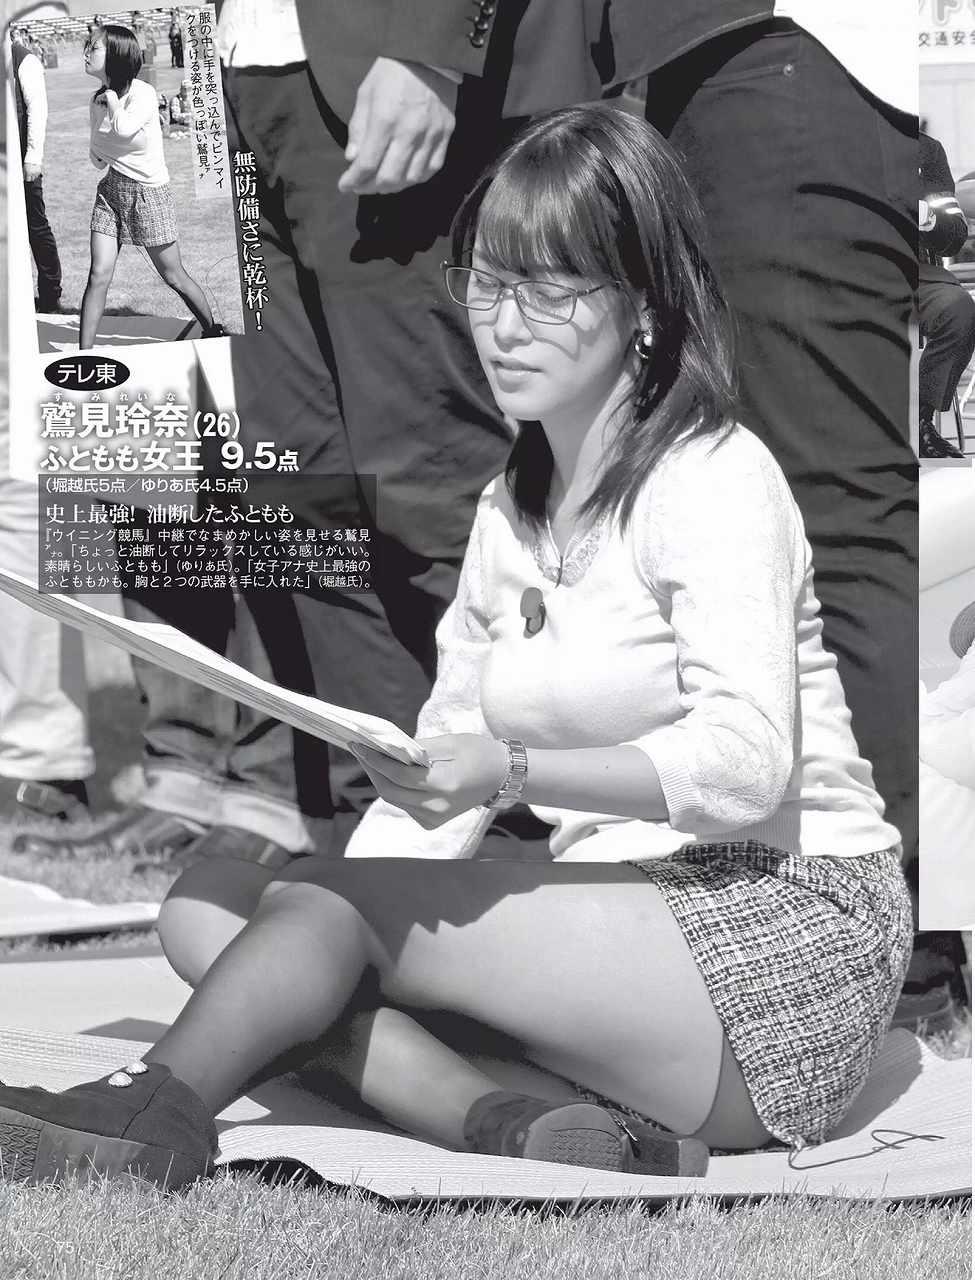 キュロットに黒ストッキングを履いて座った鷲見玲奈アナの丸出し太もも